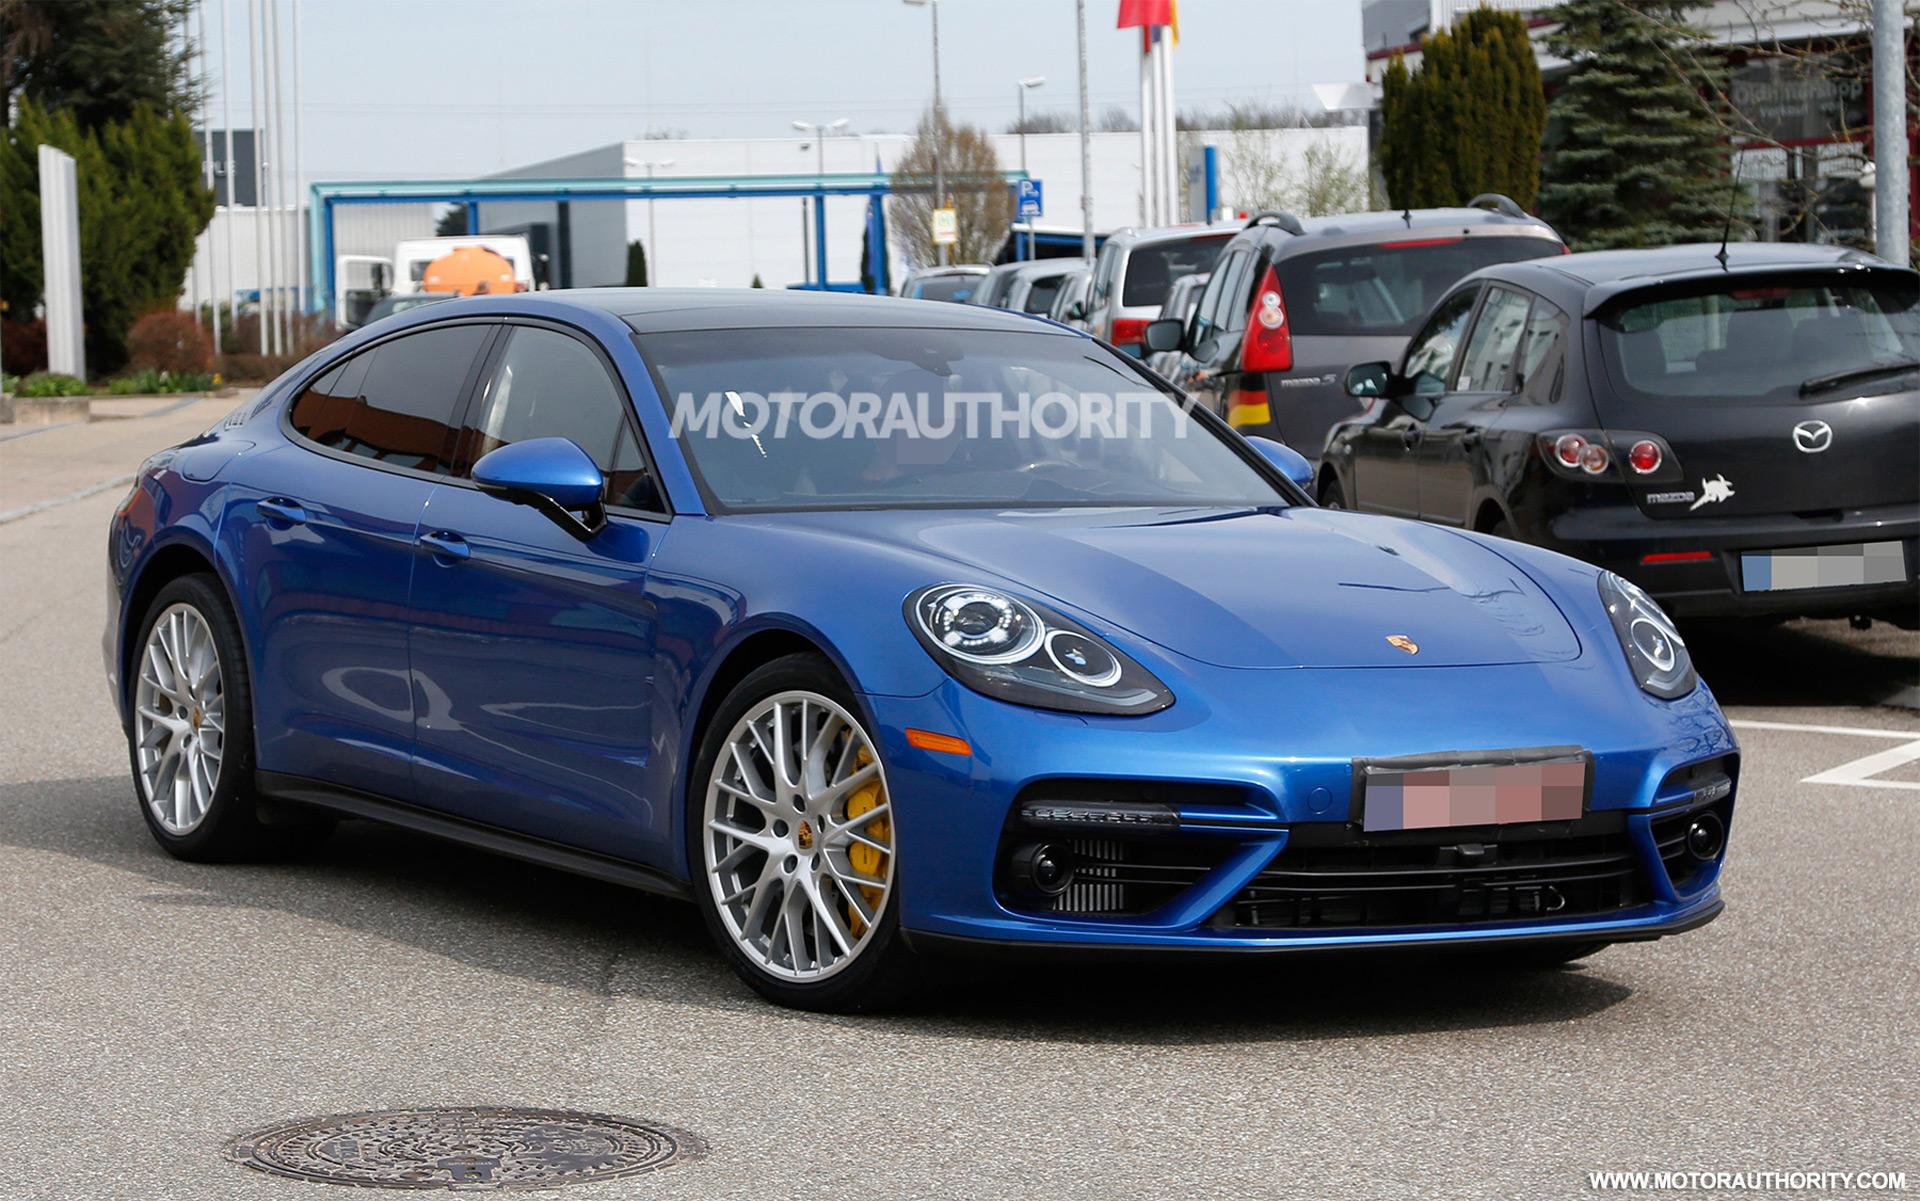 First Details On New Porsche V 8 Debuting In Next Gen